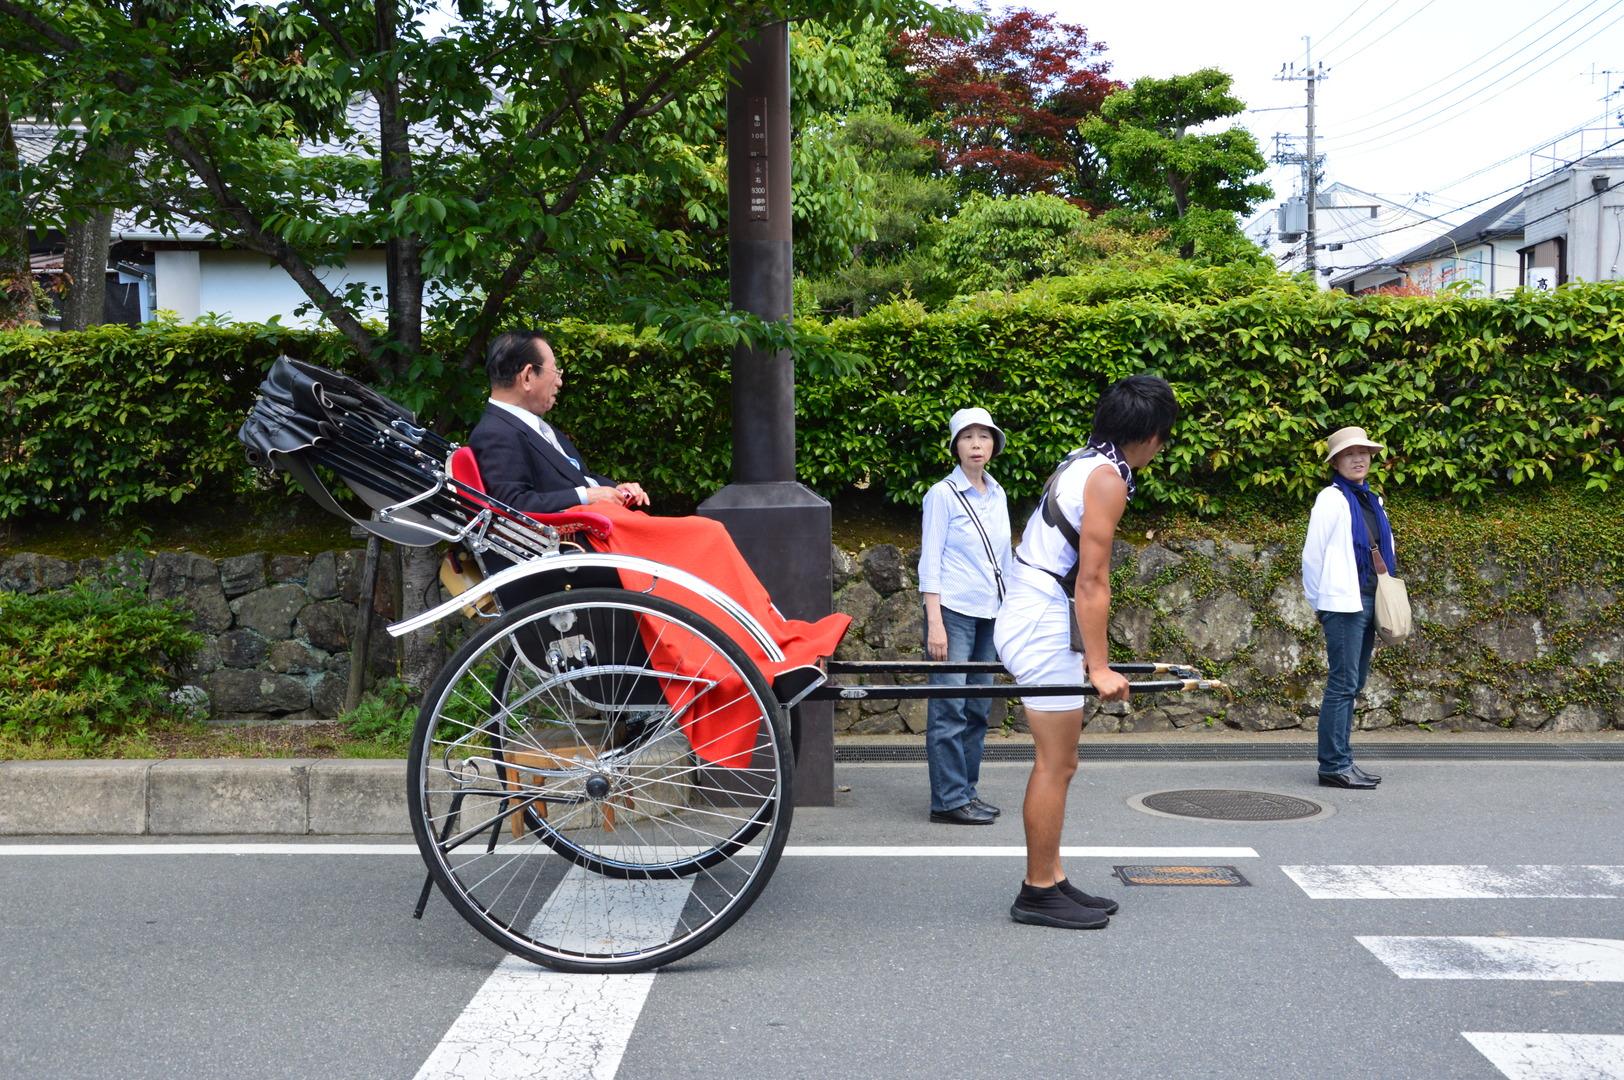 viaggio in Giappone: trasporto alternativo a Tokyo